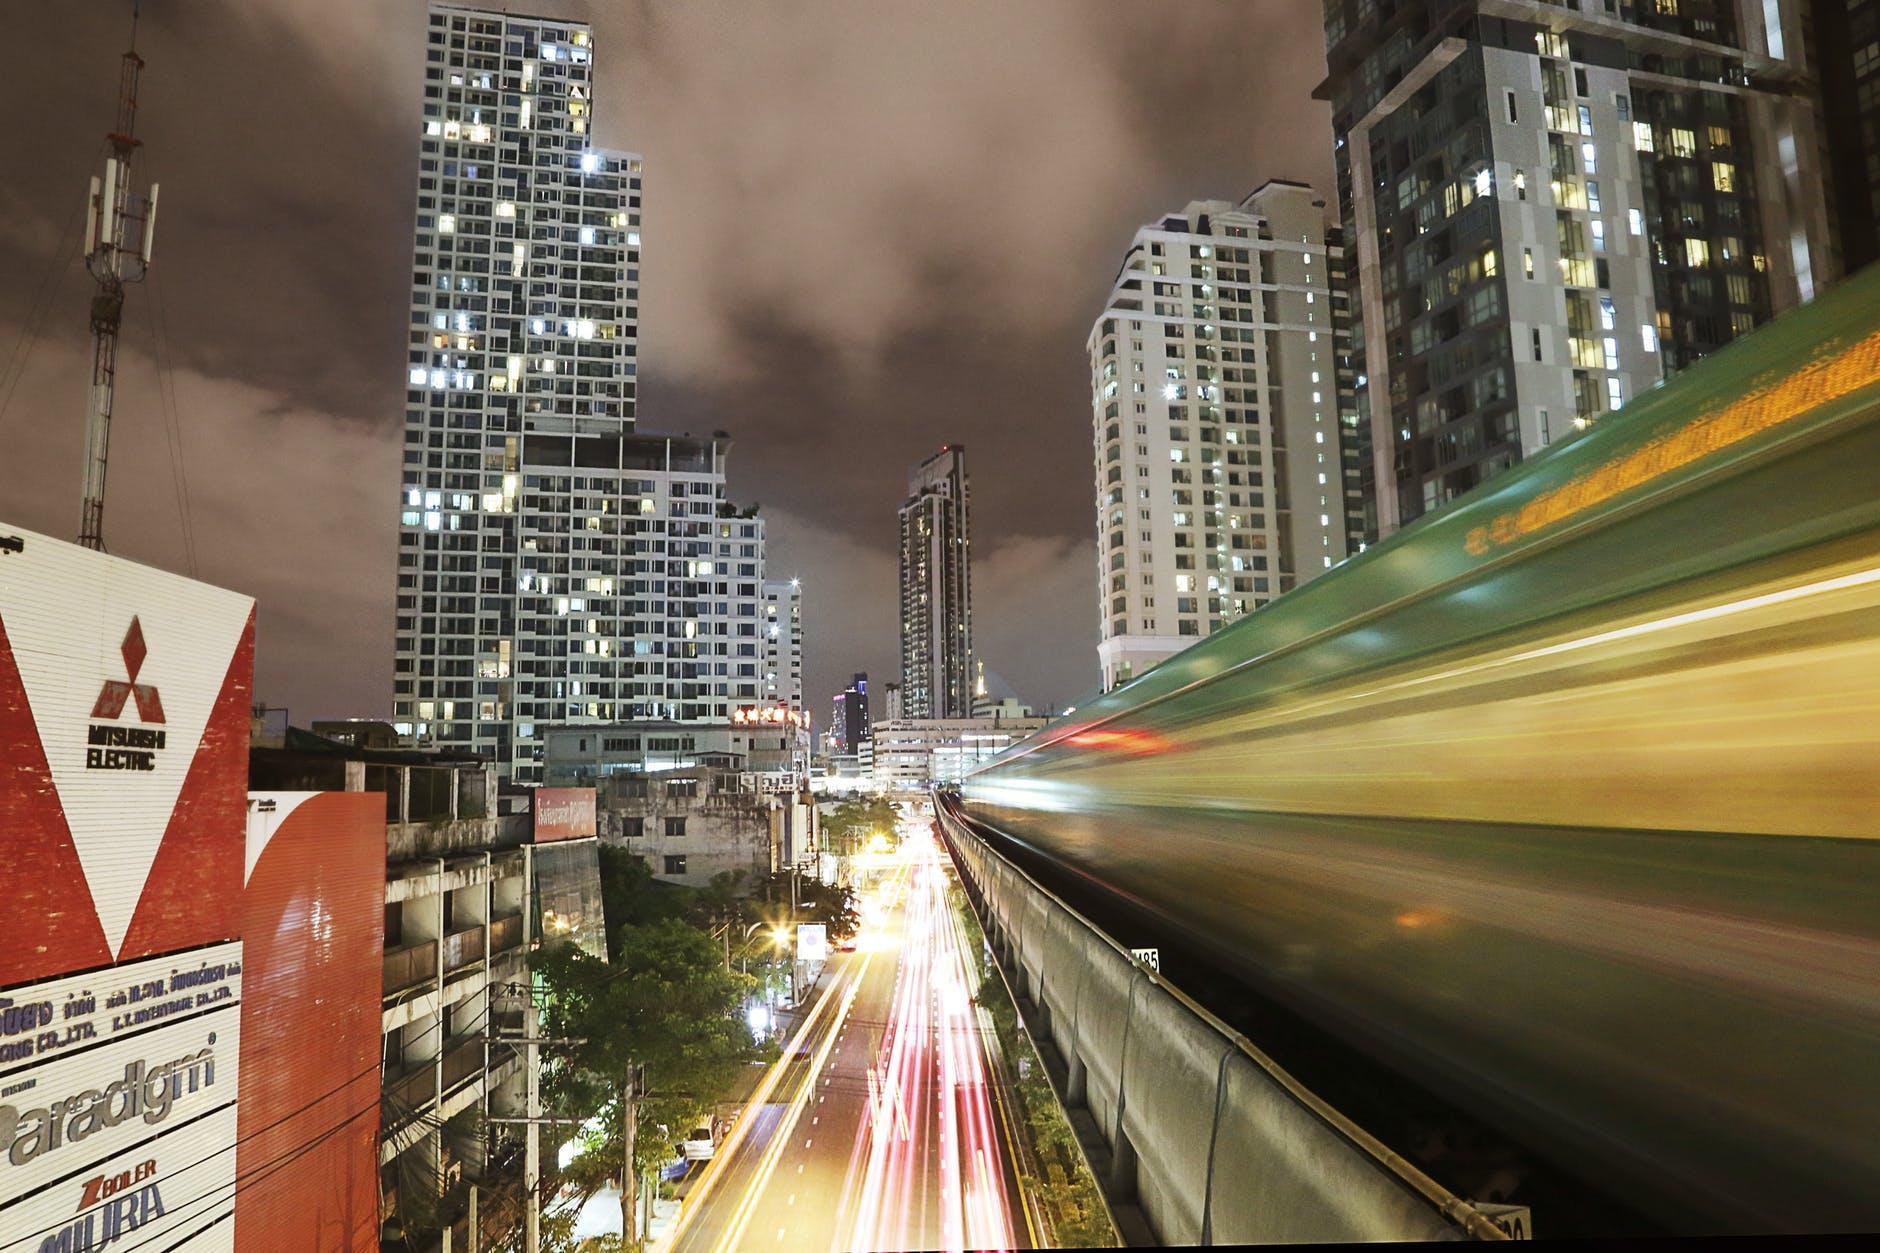 du lịch thái lan một mình cho bạn nữ: bangkok sky train